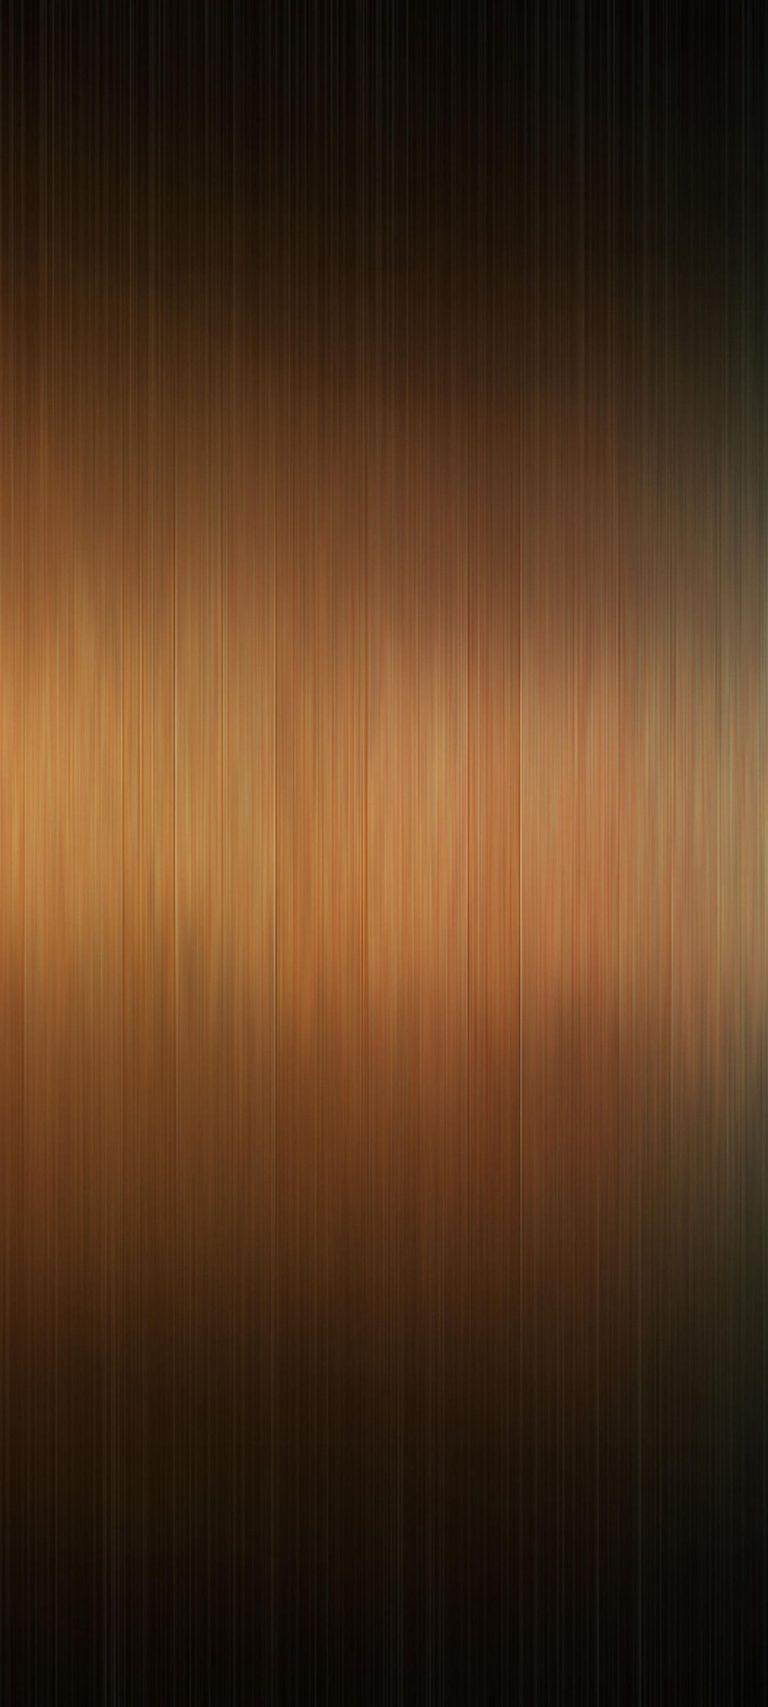 1440x3200 HD Wallpaper 135 768x1707 - 1440x3200 HD Wallpaper - 135